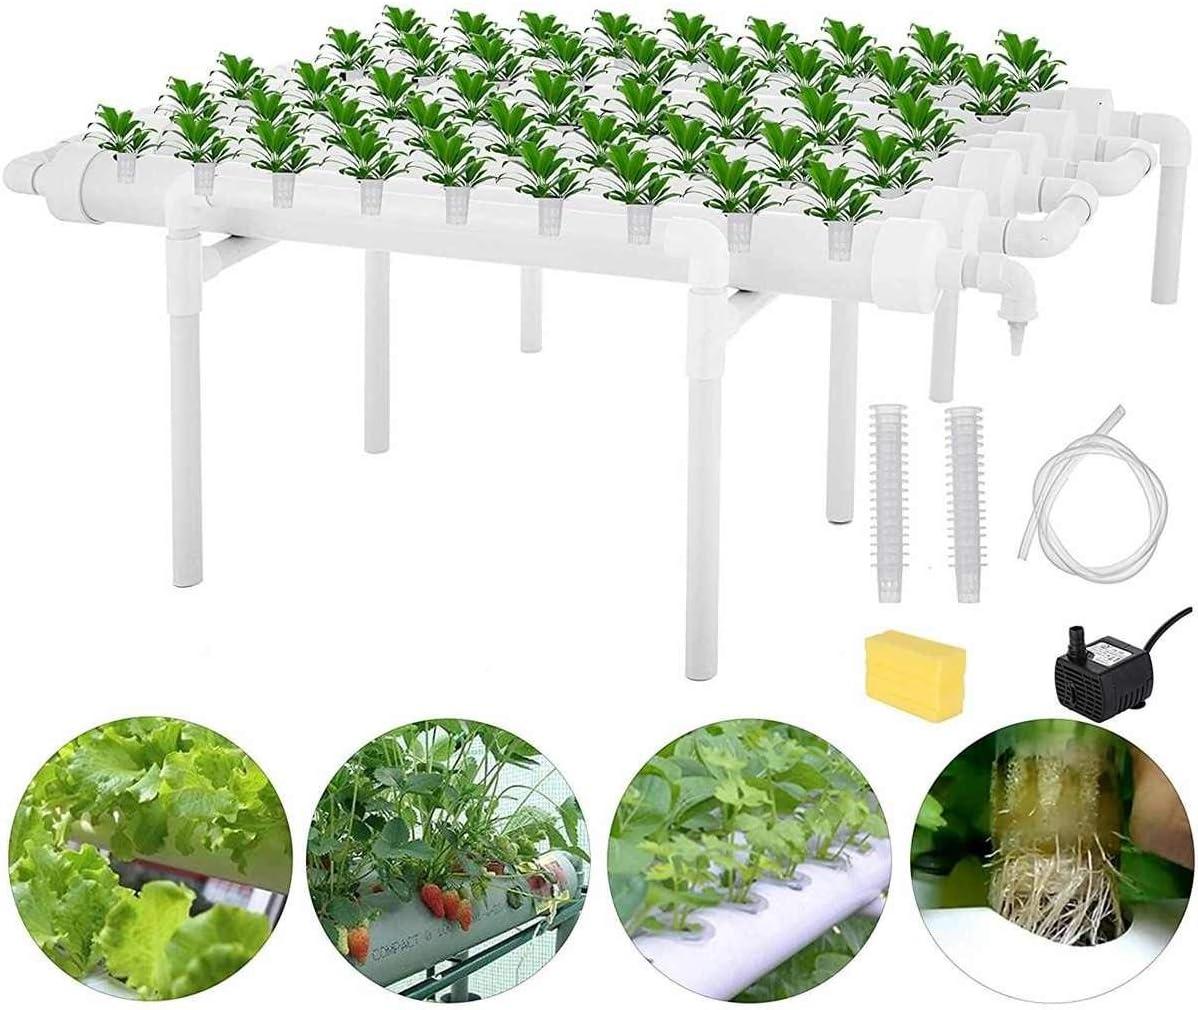 KQYAN 54 Hoyos hidropónico tuberías del Sitio Kit de Cultivo Profundo Cultura del Agua de plantación Caja de jardinería Sistema vivero hidropónico Pot Estante de 220V: Amazon.es: Jardín